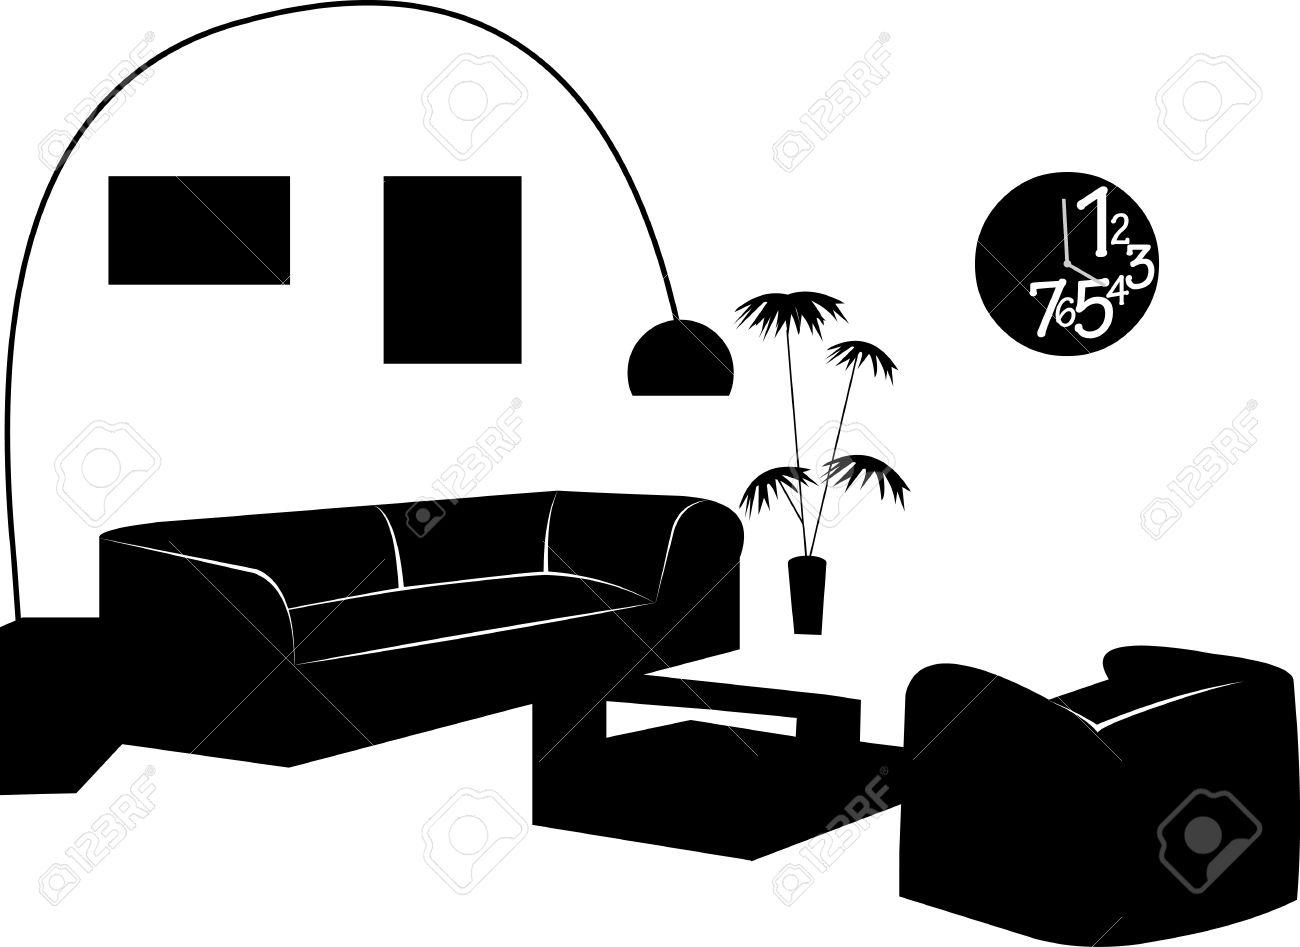 Elegant Best Teil Eines Modernen Wohnzimmer Mit Modernen Mbeln Silhouette Ein In  Der Reihe Von Hnlichen Bildern With Bilder Von Modernen Bdern.